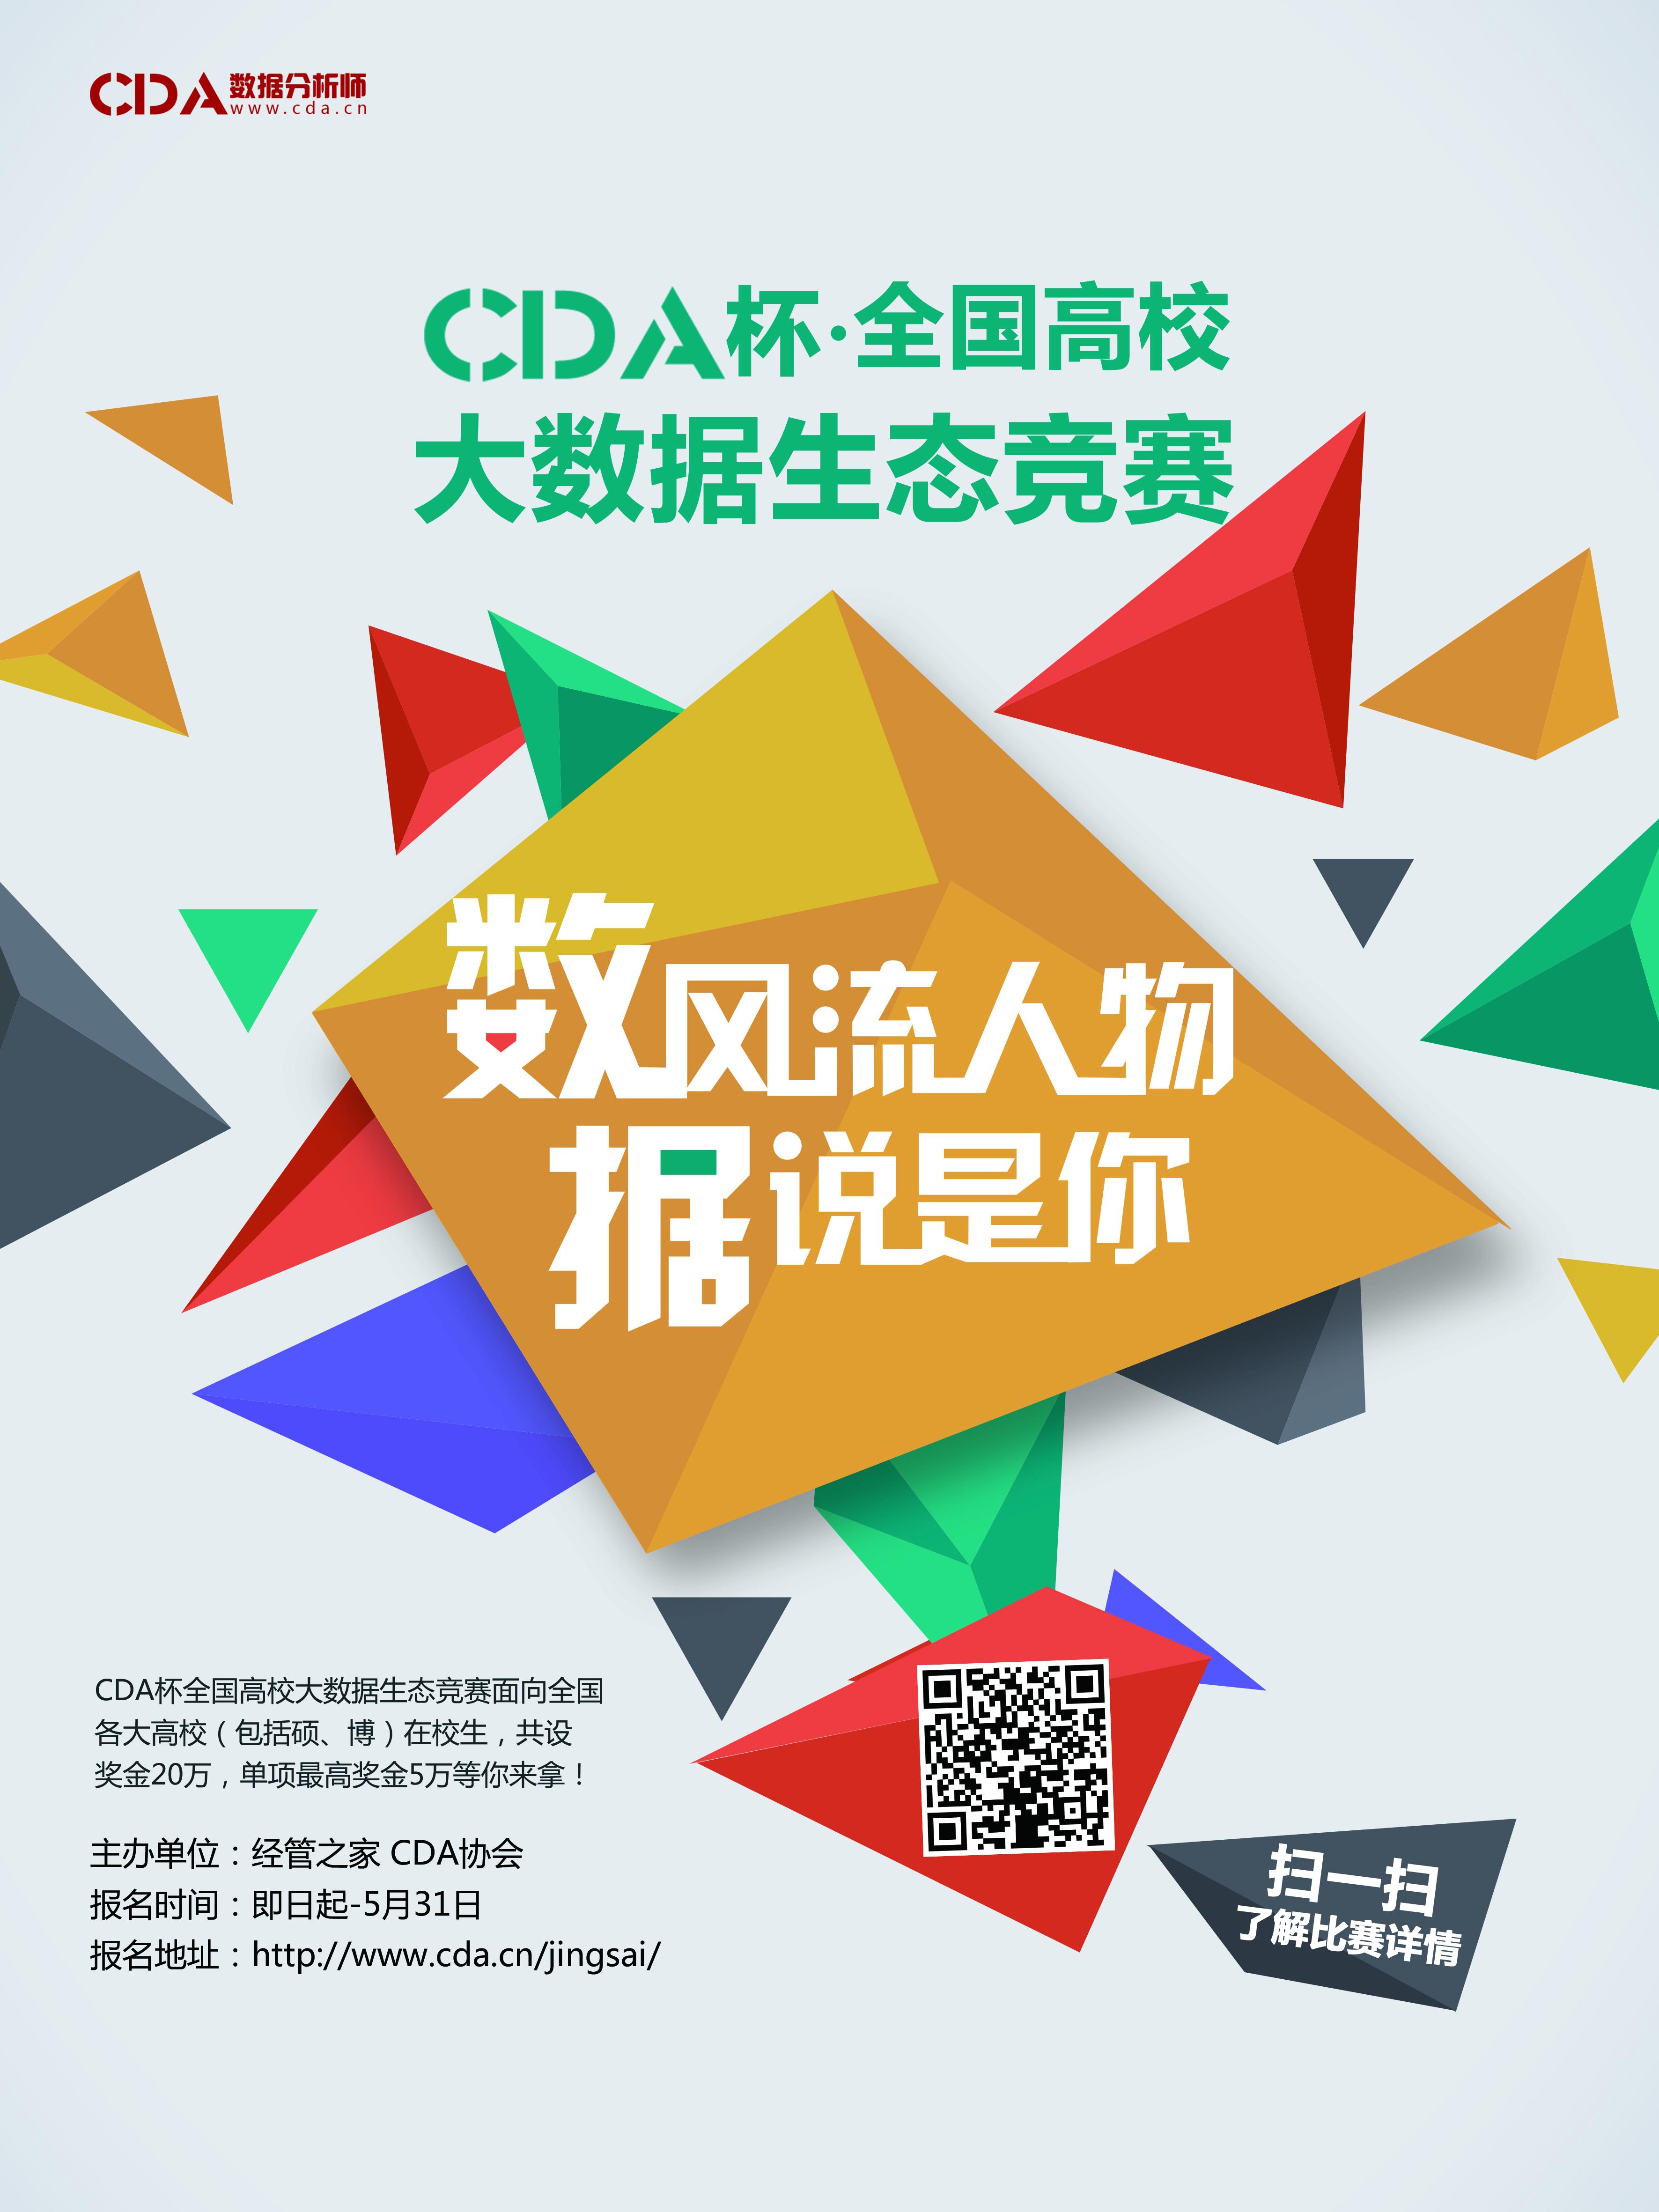 CDA杯全国高校大数据生态竞赛